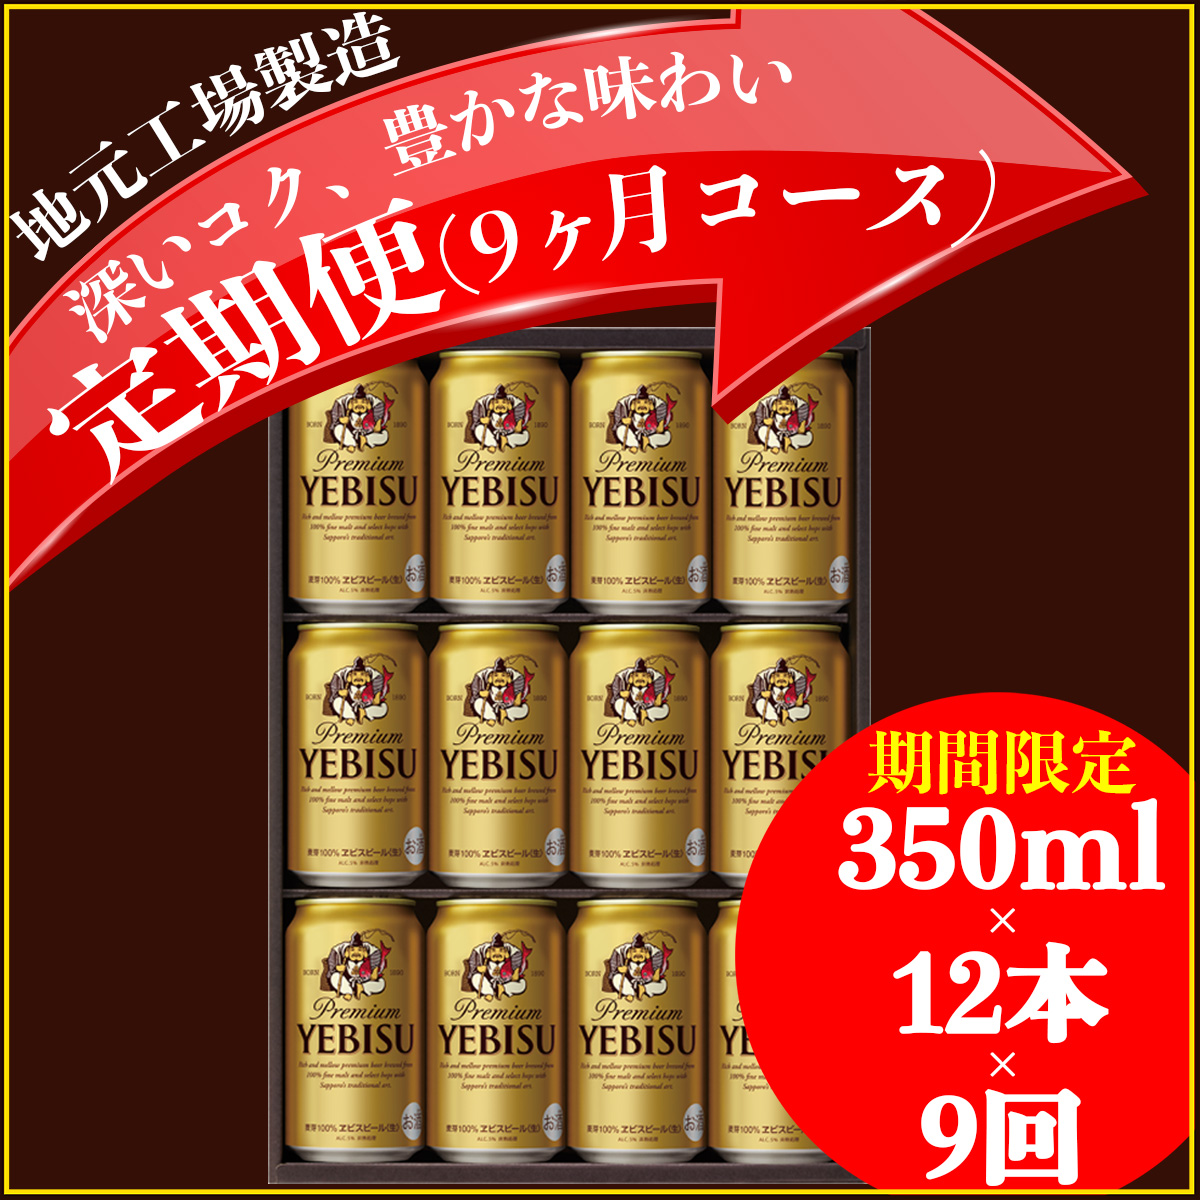 【ふるさと納税】【毎月お届け定期便】地元名取生産 ヱビスビール(350ml×12本)9回お届け